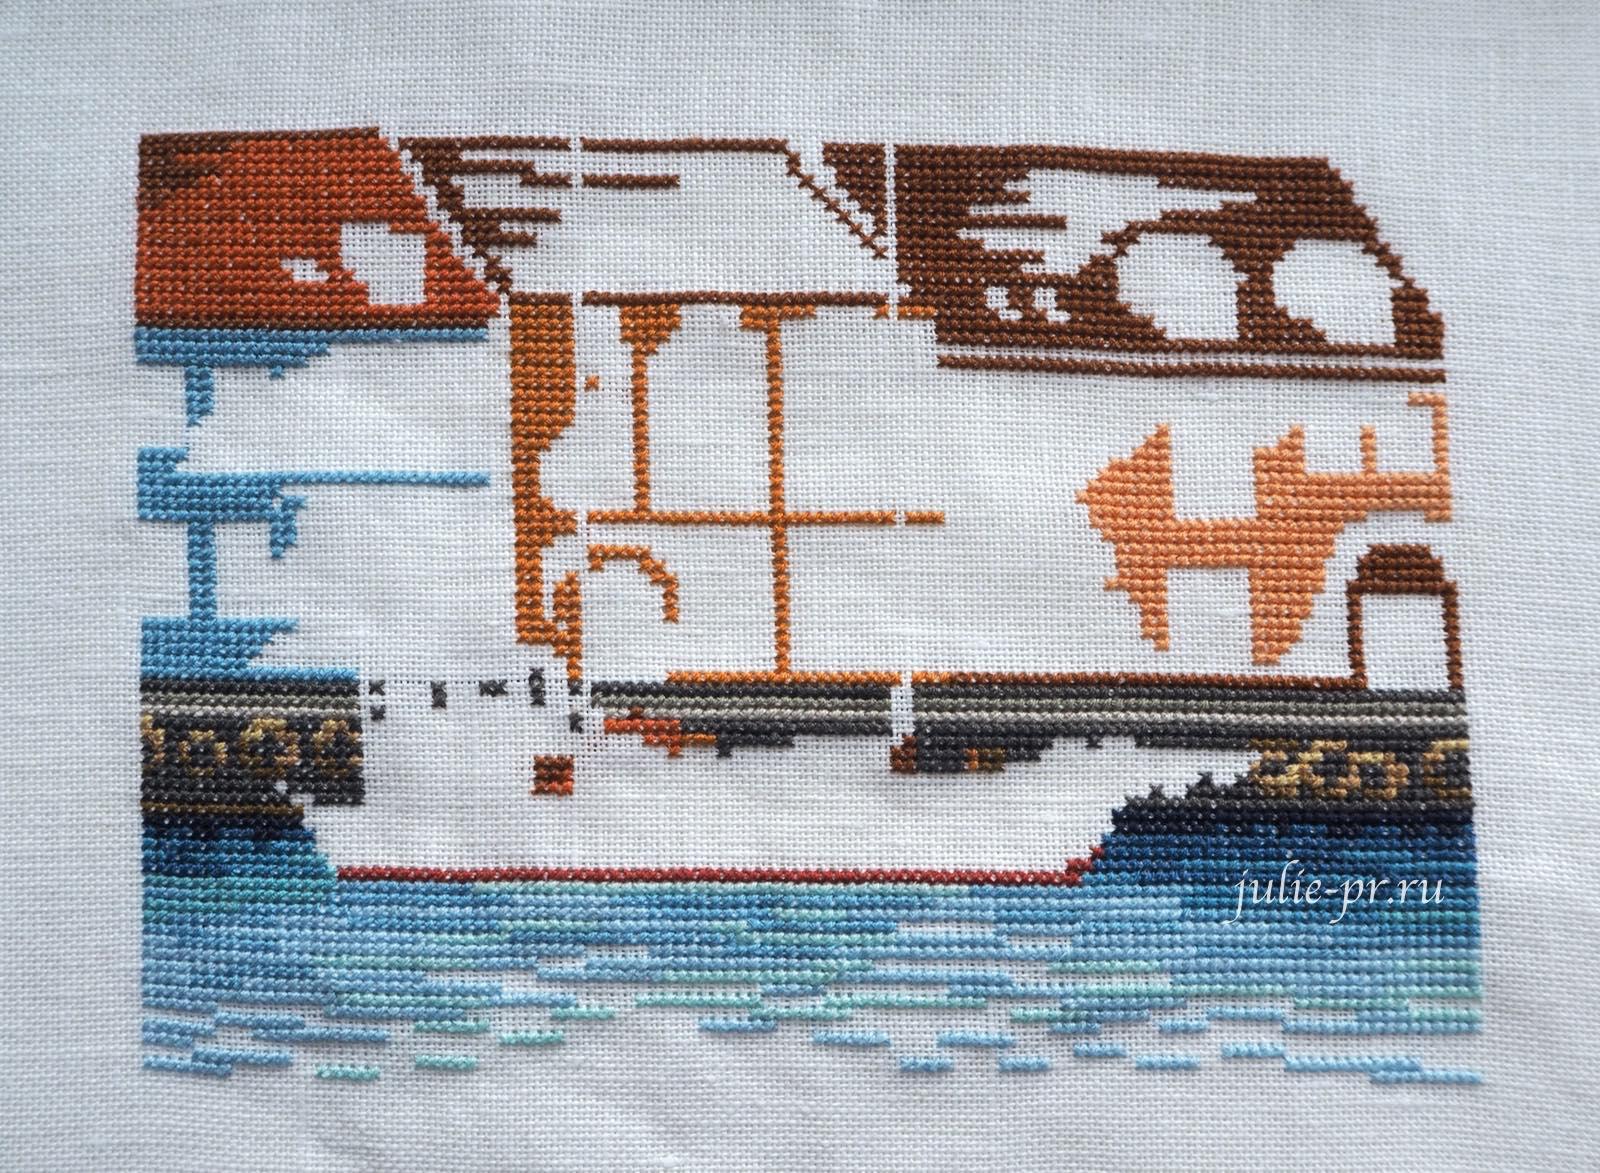 вышивка крестом, Permin 92-1168, Black schooner, Черная шхуна, Копенгаген, кораблик